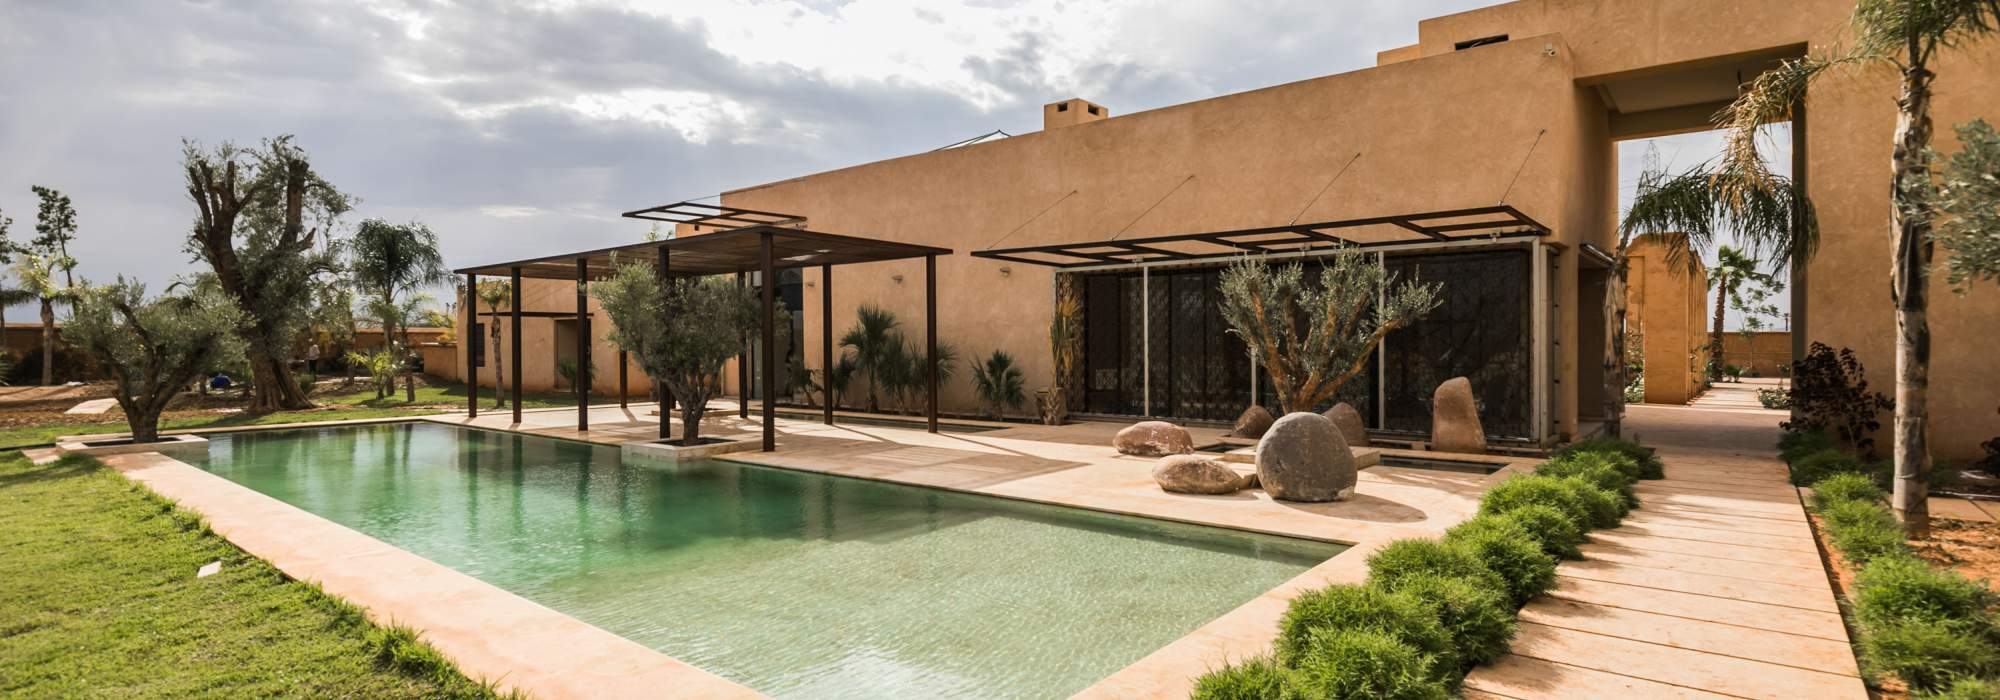 vente villa contemporaine palmeraie marrakech